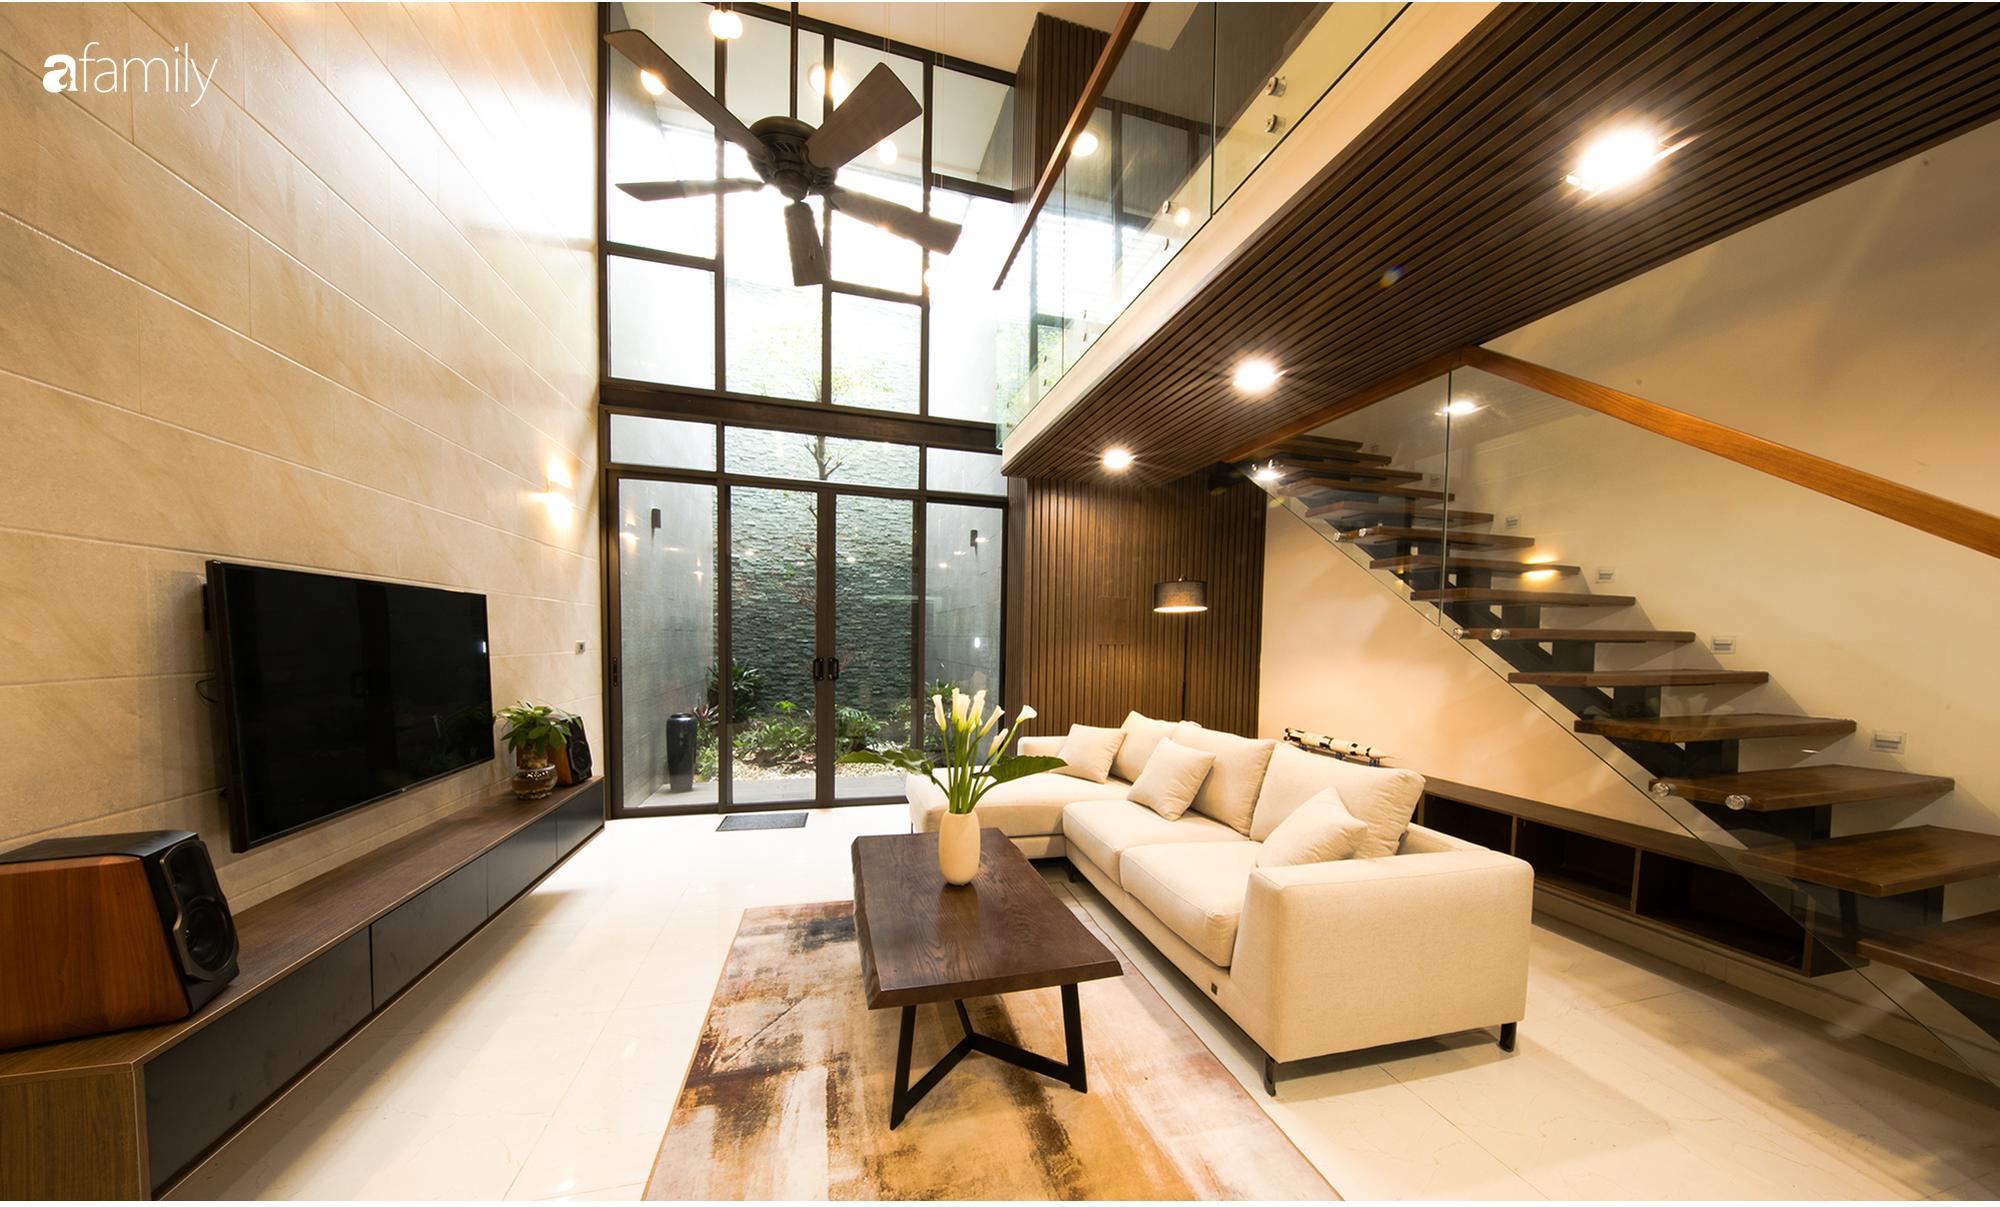 Chàng trai Hà Nội độc thân và ngôi nhà 83m² nhiều góc sân, khoảng trời lãng mạn khiến ai nhìn cũng muốn ở - Ảnh 9.